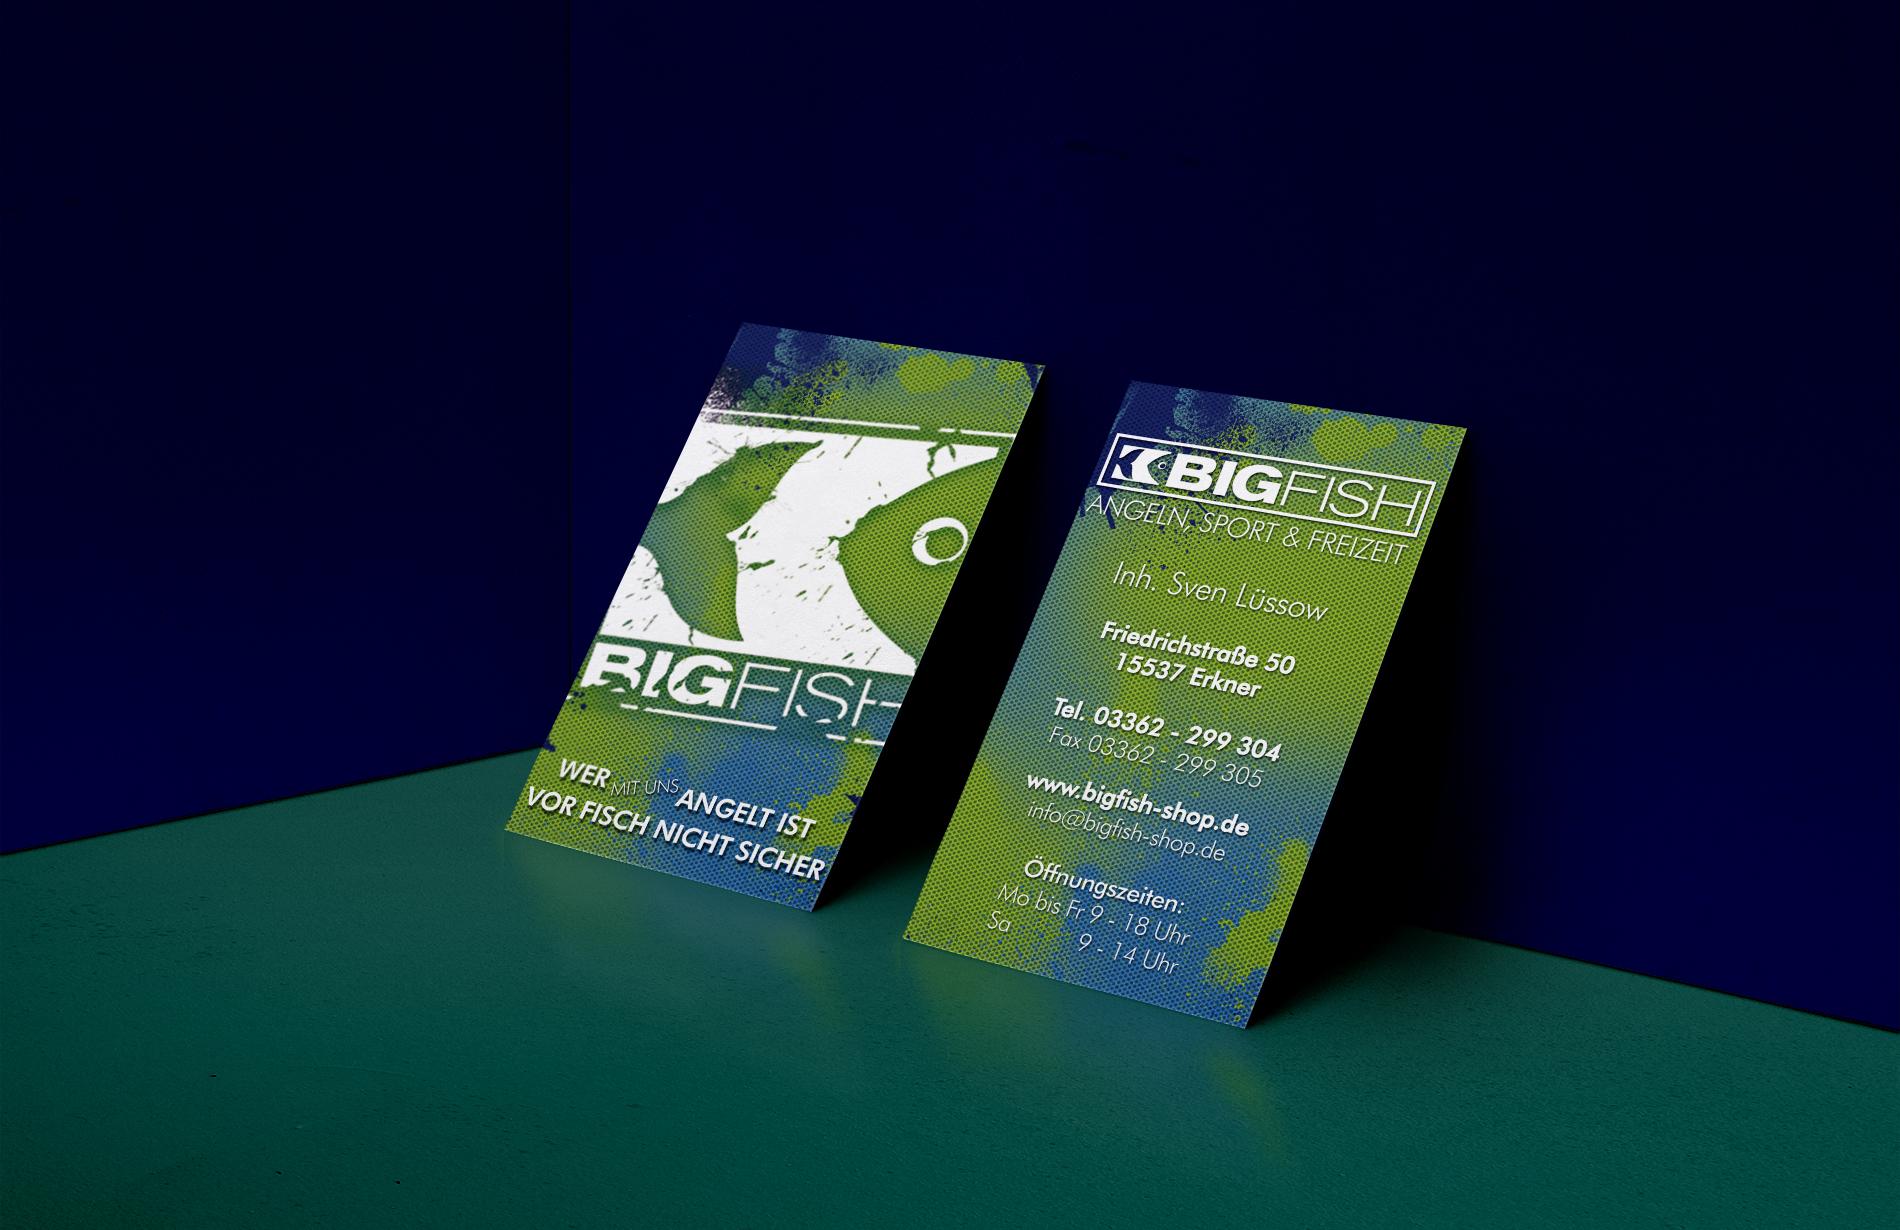 Design neuer Visitenkarten für Bigfish aus Erkner - Print Design - Werbung aus Erkner